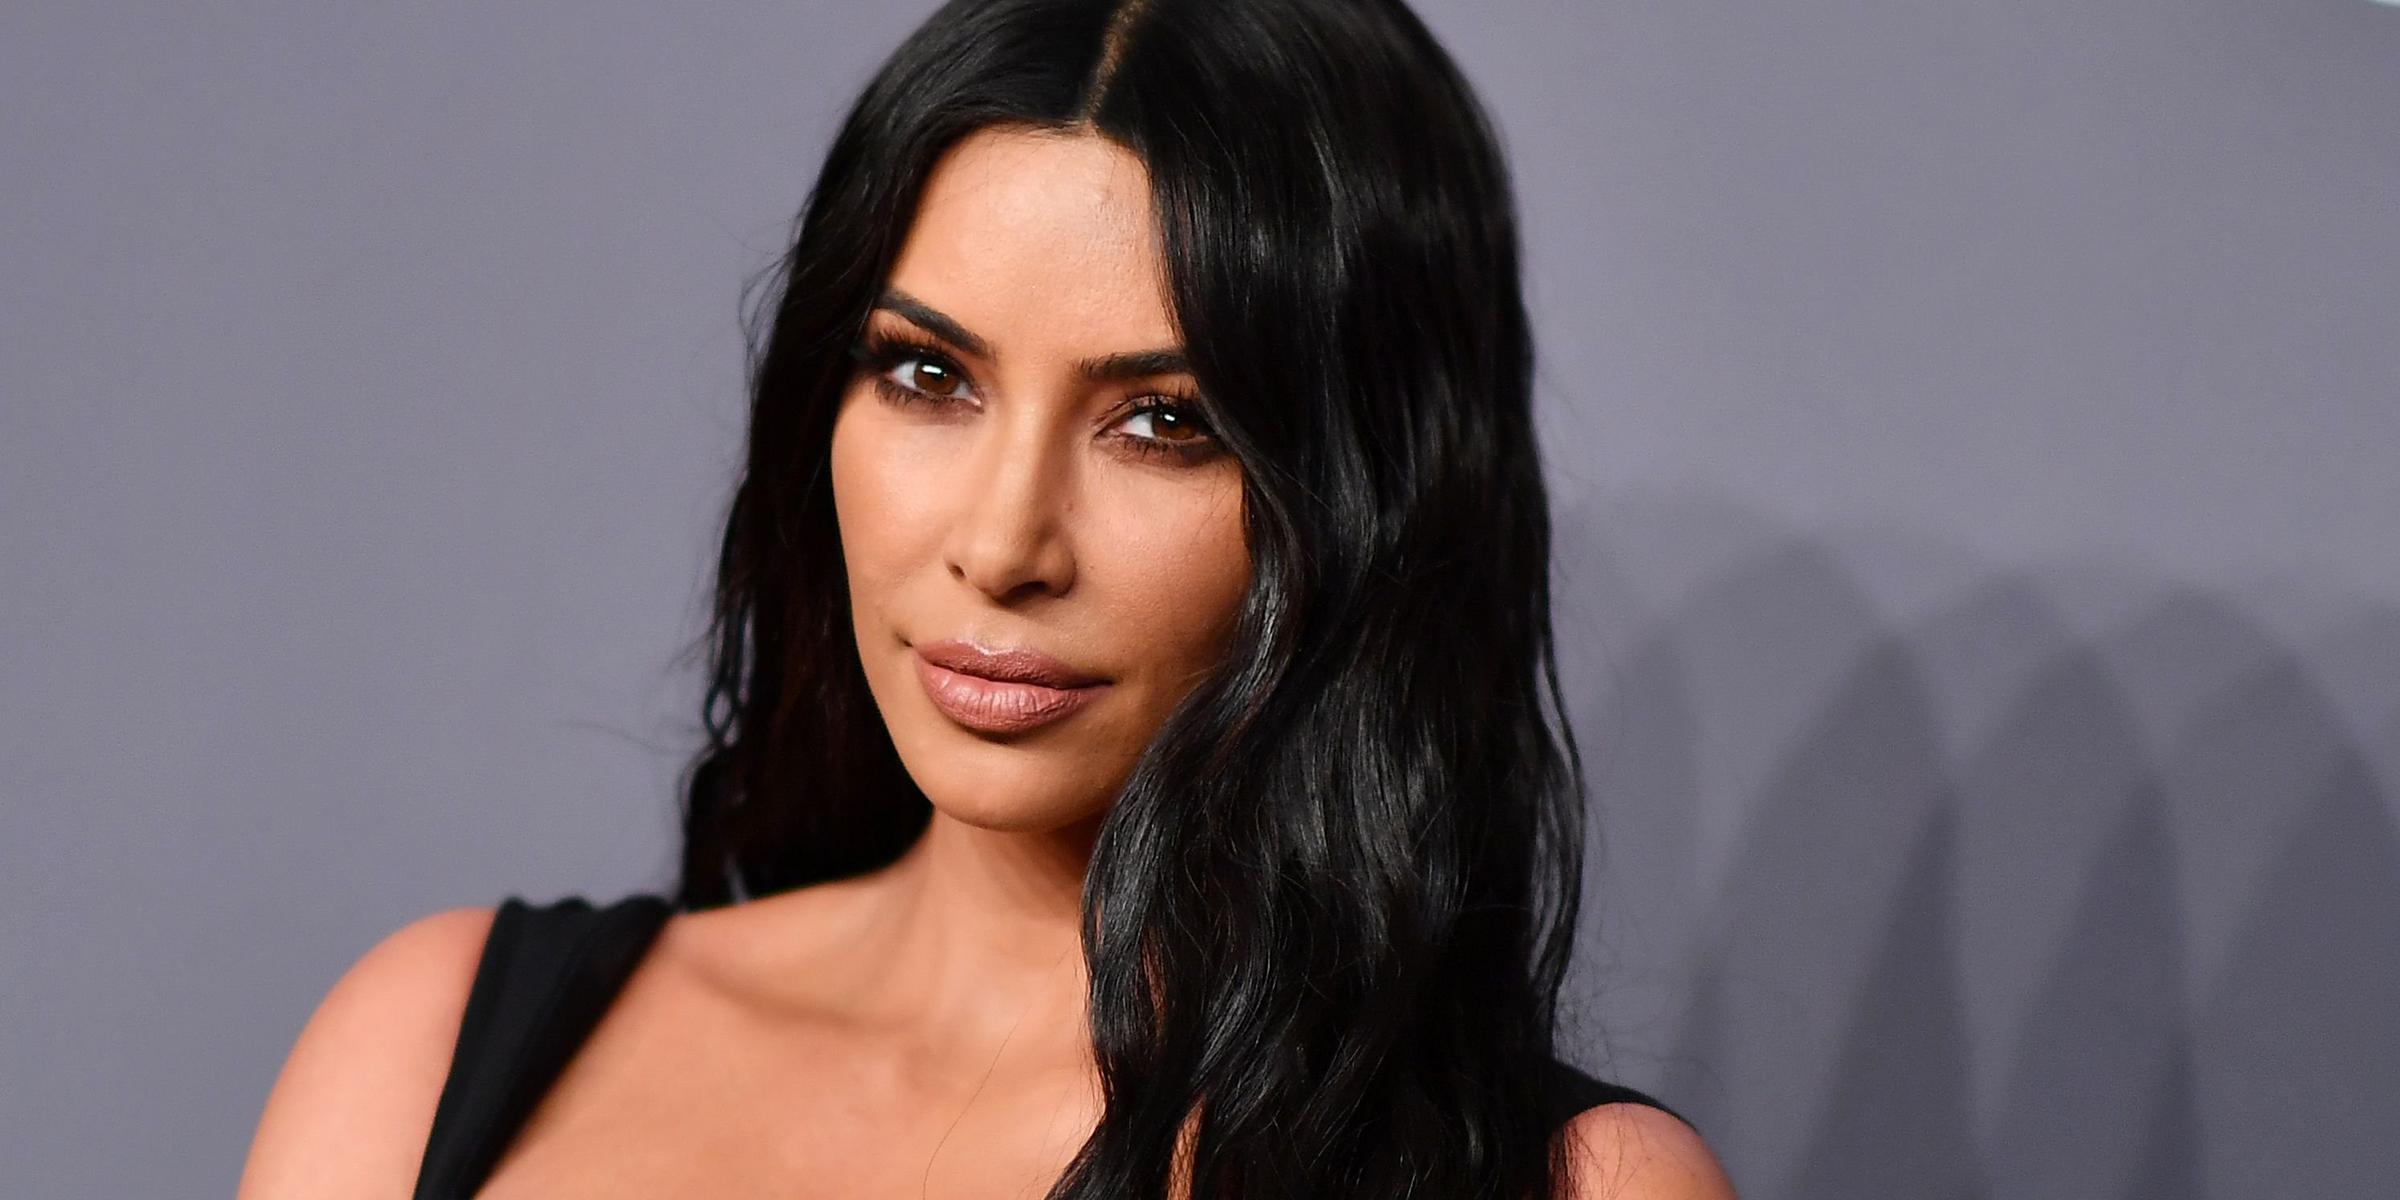 Kim Kardashian West finally explains how her sinks work